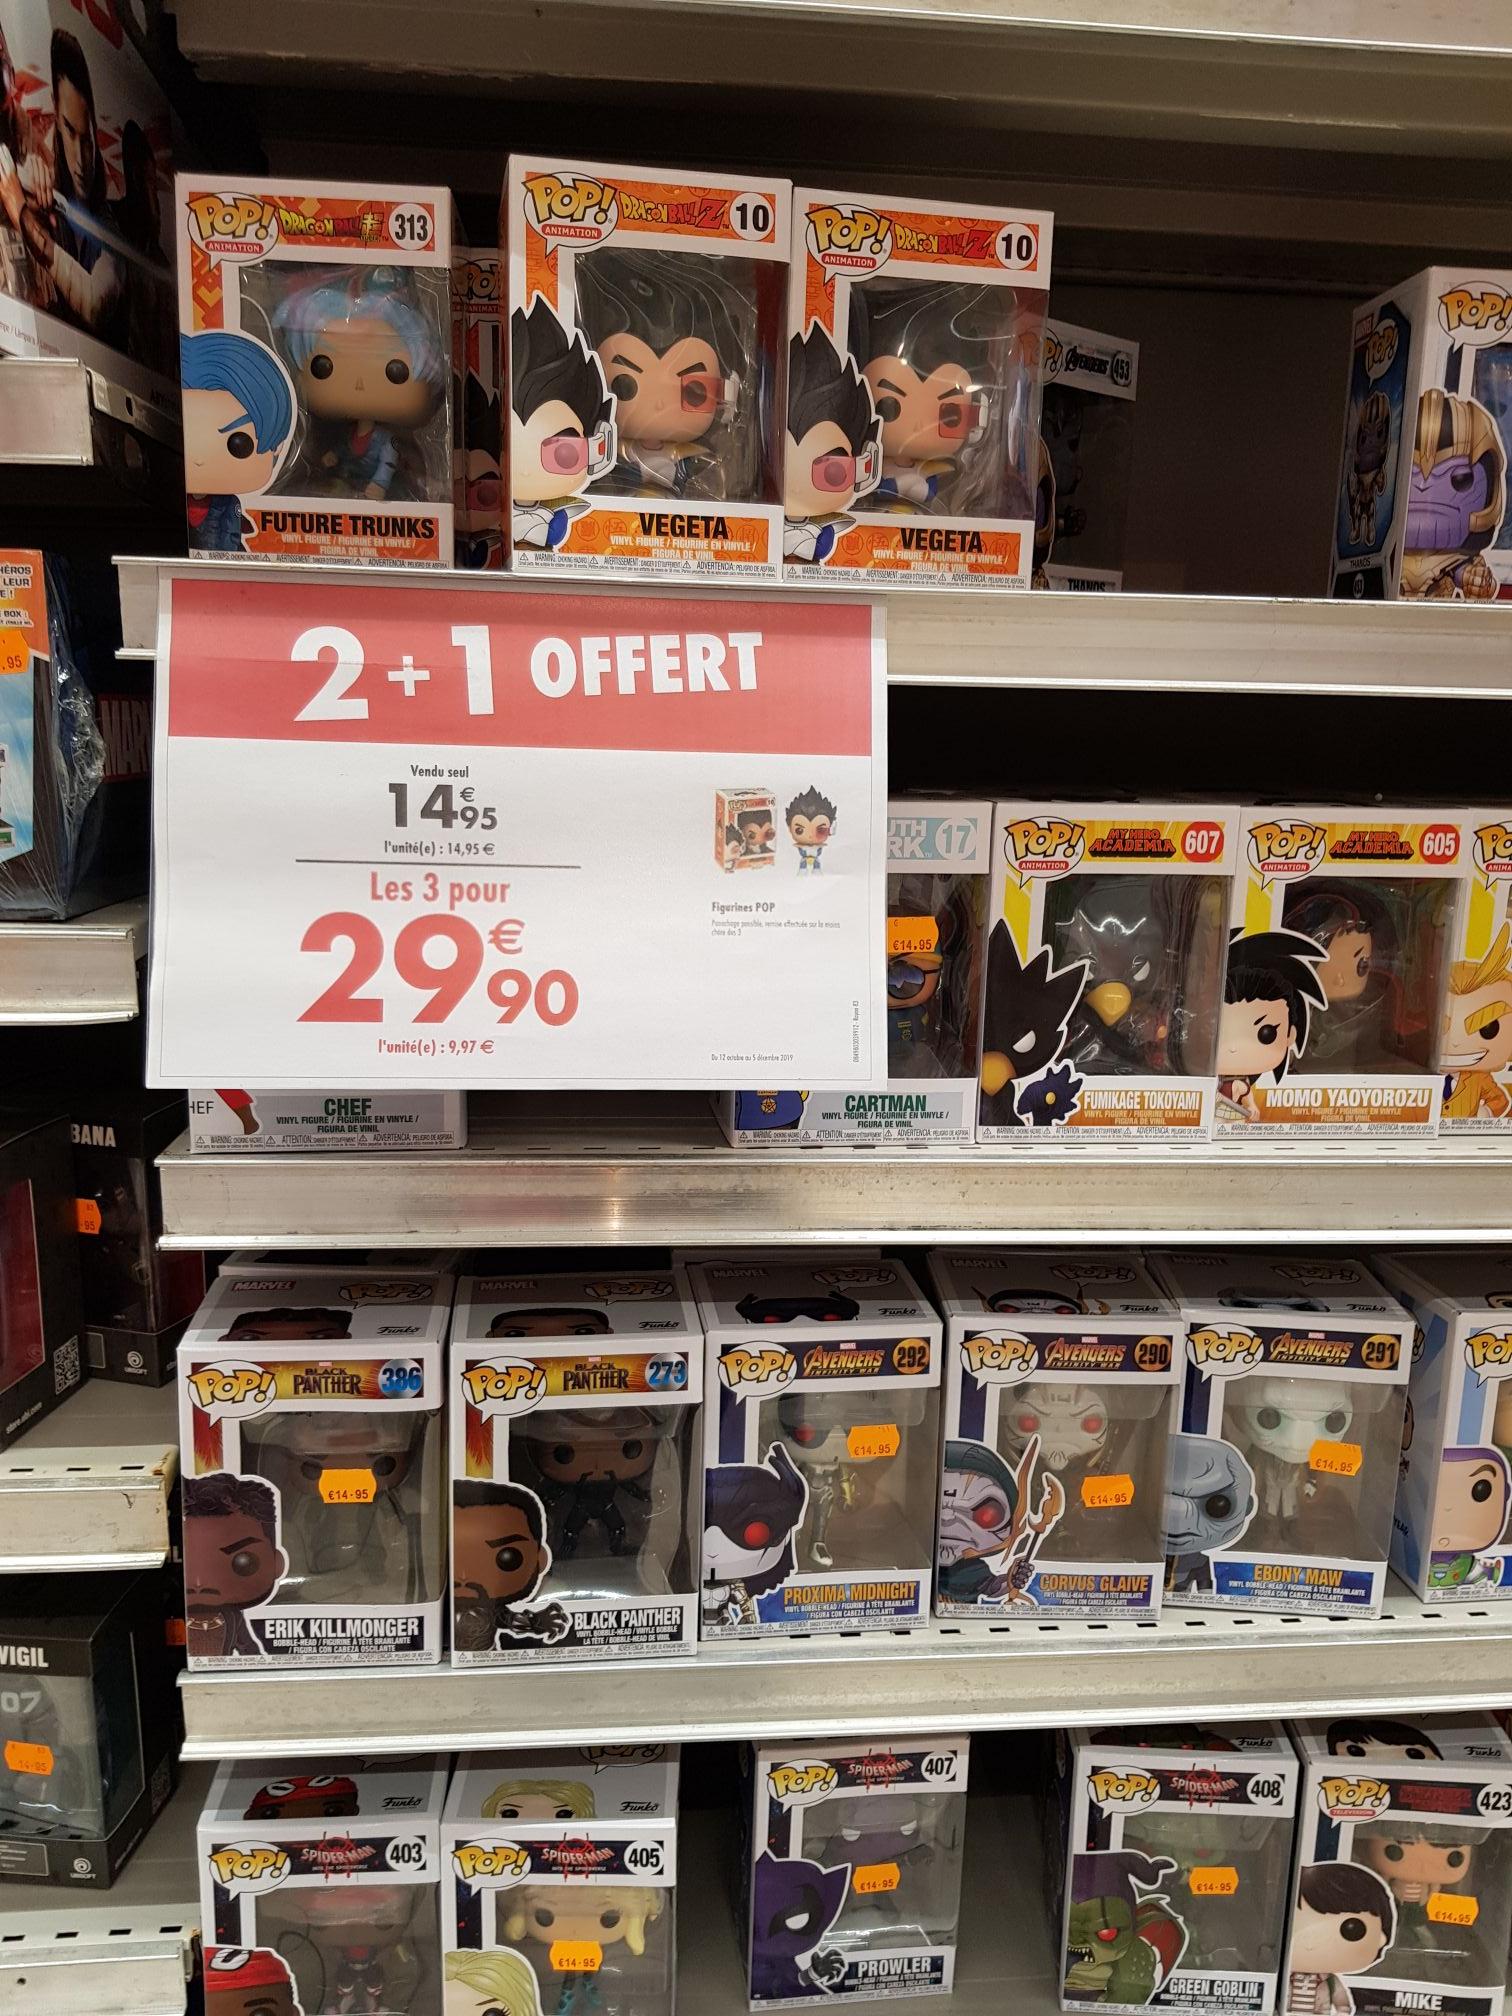 Lot de 3 figurines Funko Pop! à 29.9€ - Saint-Clément-de-Rivière (34)